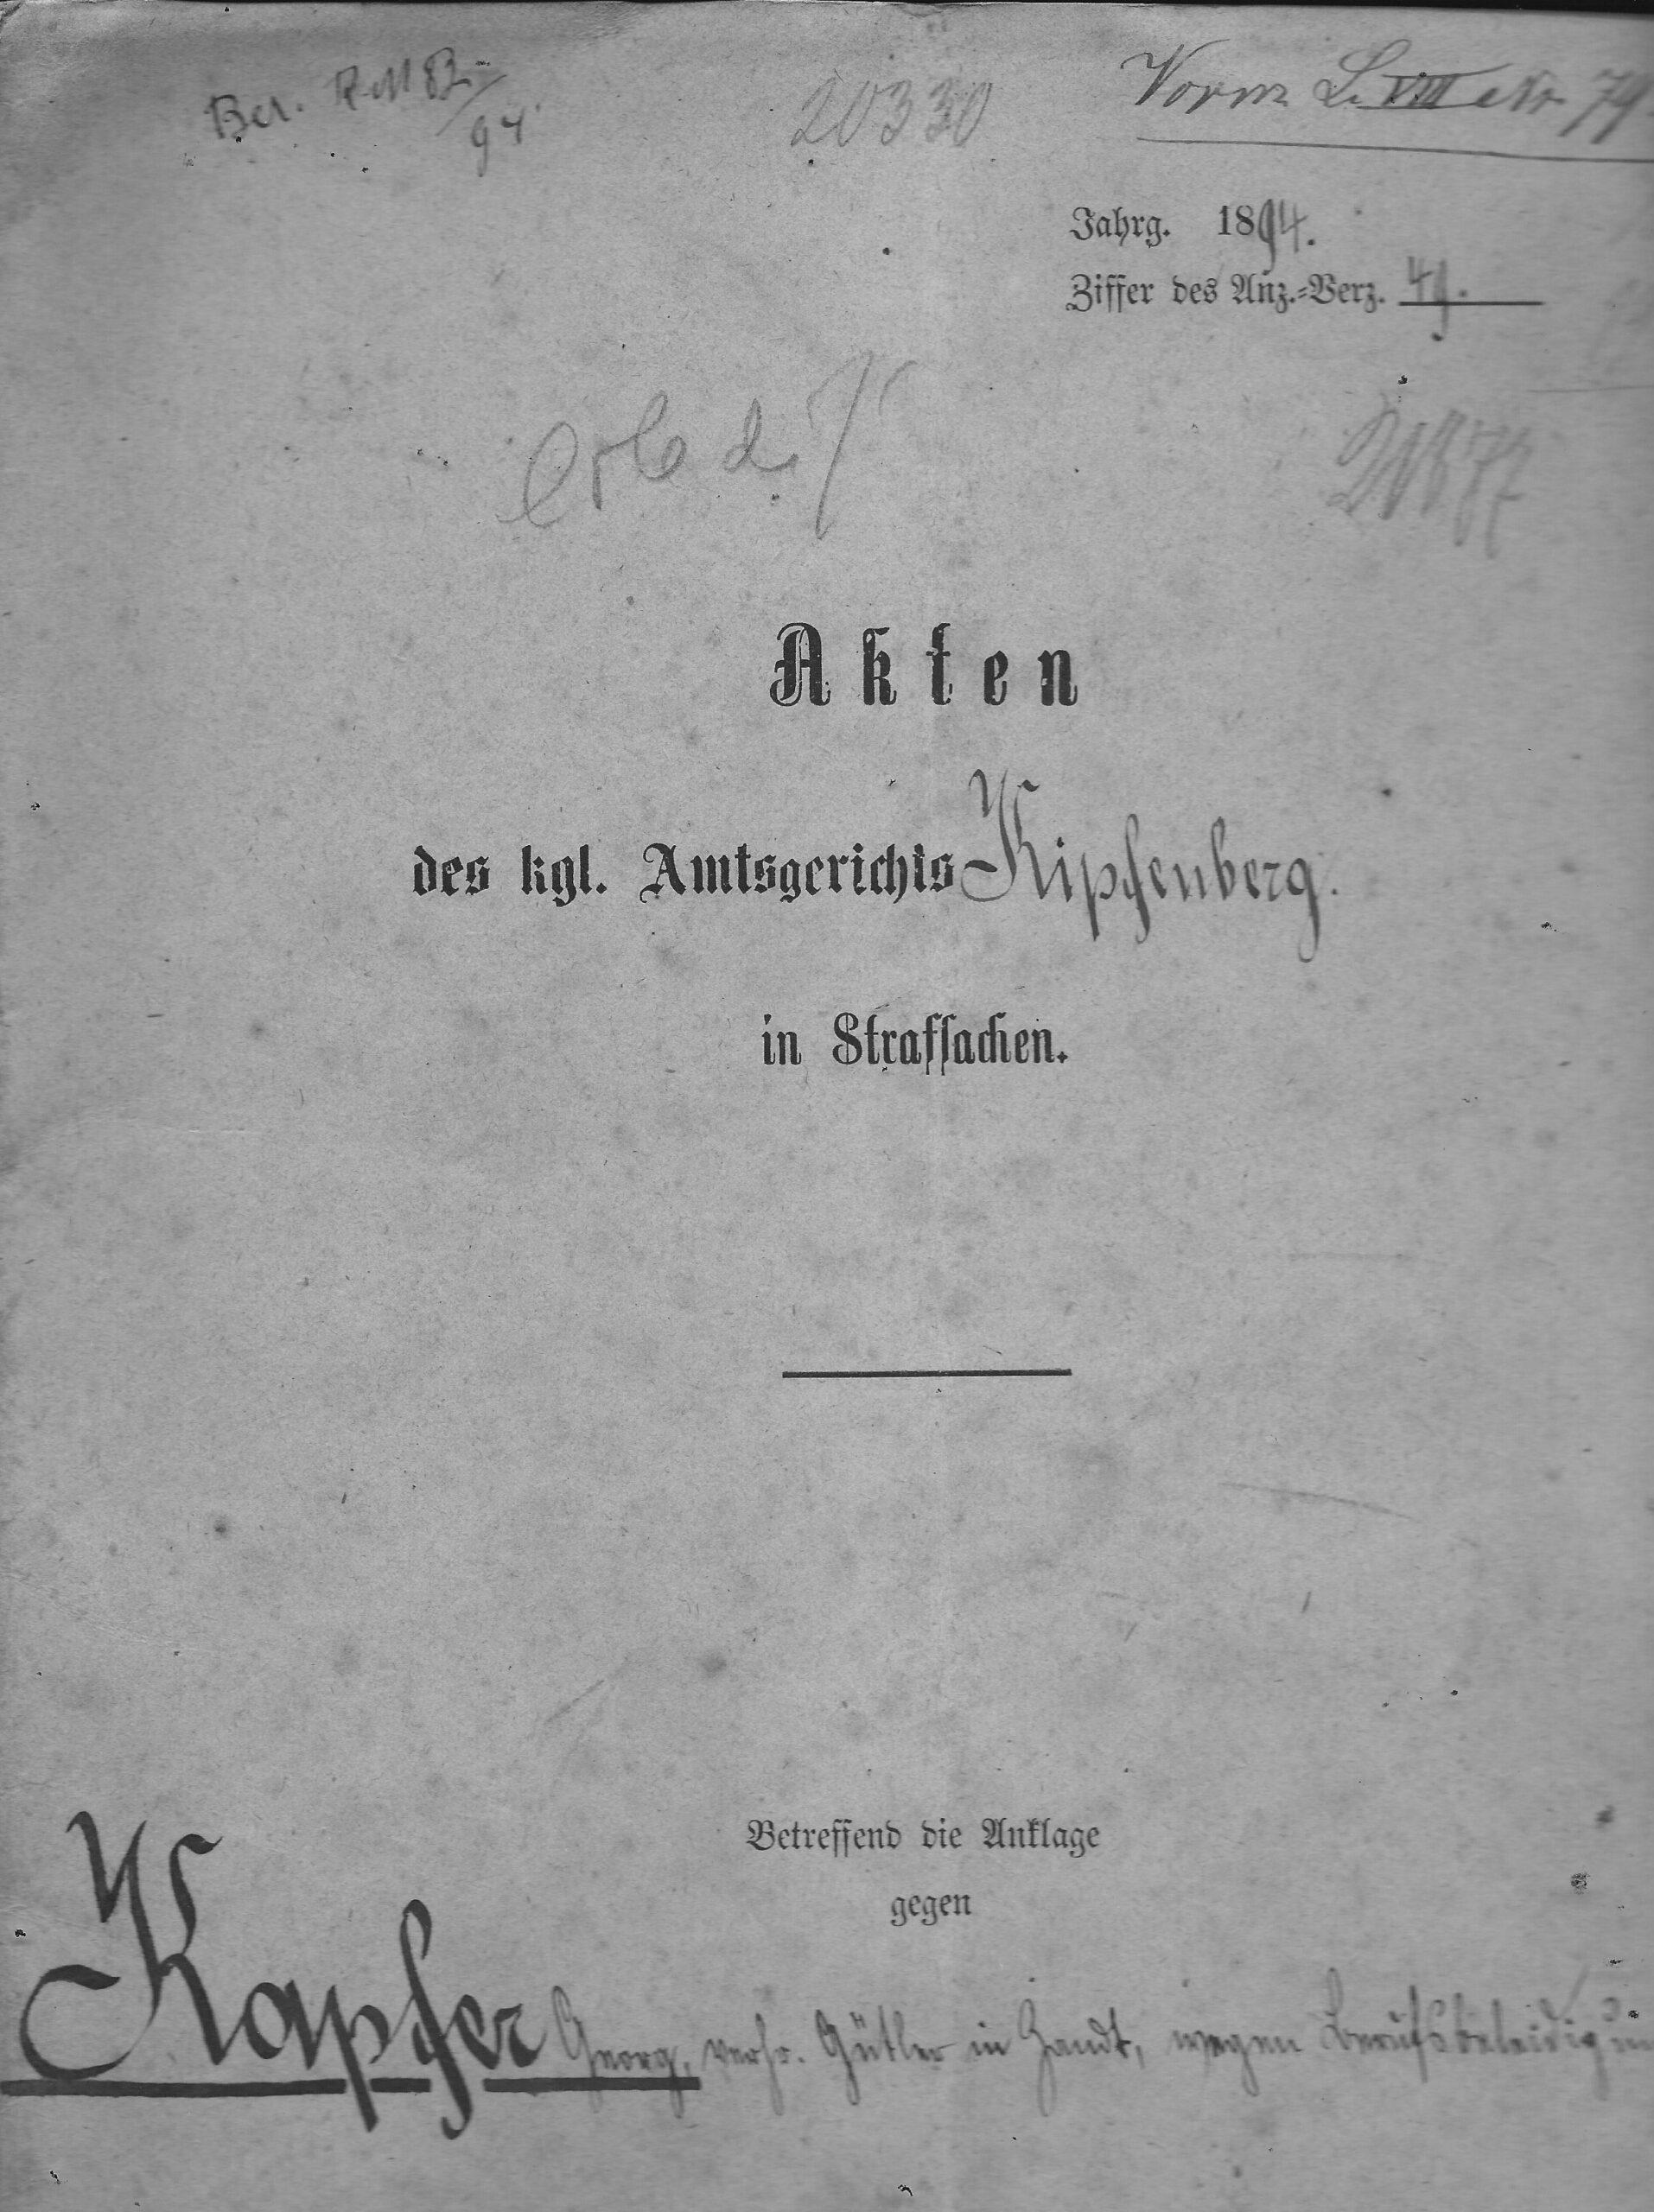 10 Gericht Aktendeckel 1894 Org Ettle